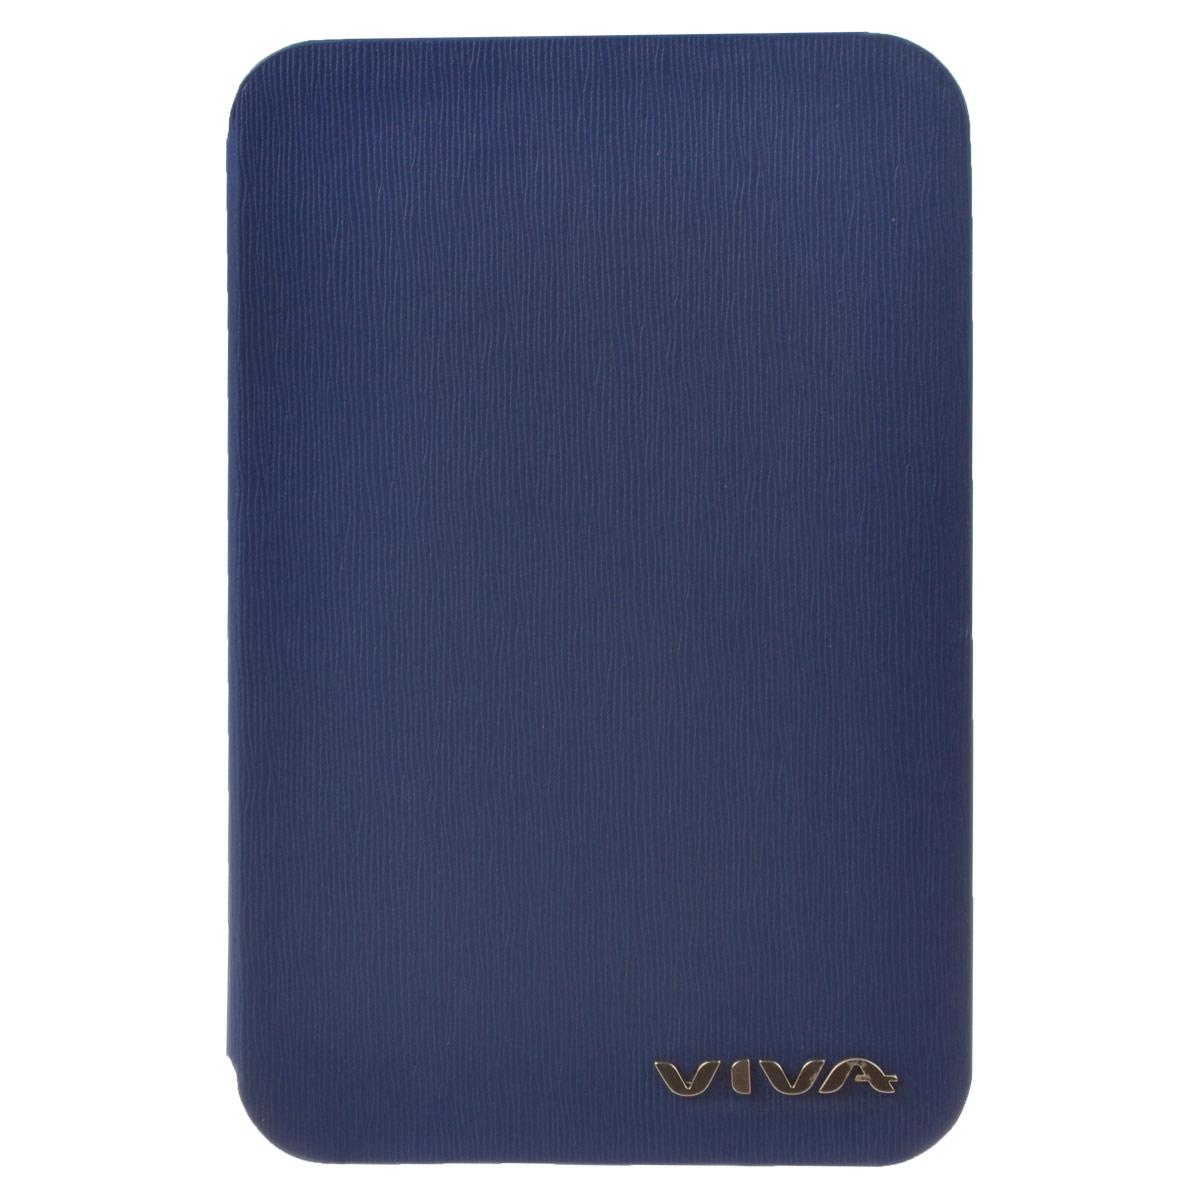 Vivacase Optima универсальный чехол для устройств 7, Blue (VUC-COP07-blue)VUC-COP07-blueЧехол Vivacase Optima предназначен для защиты электронных устройств диагональю 7 от механических повреждений и влаги. Крепление позволяет надежно зафиксировать устройство. Обеспечивает свободный доступ ко всем разъемам и клавишам вашего девайса.